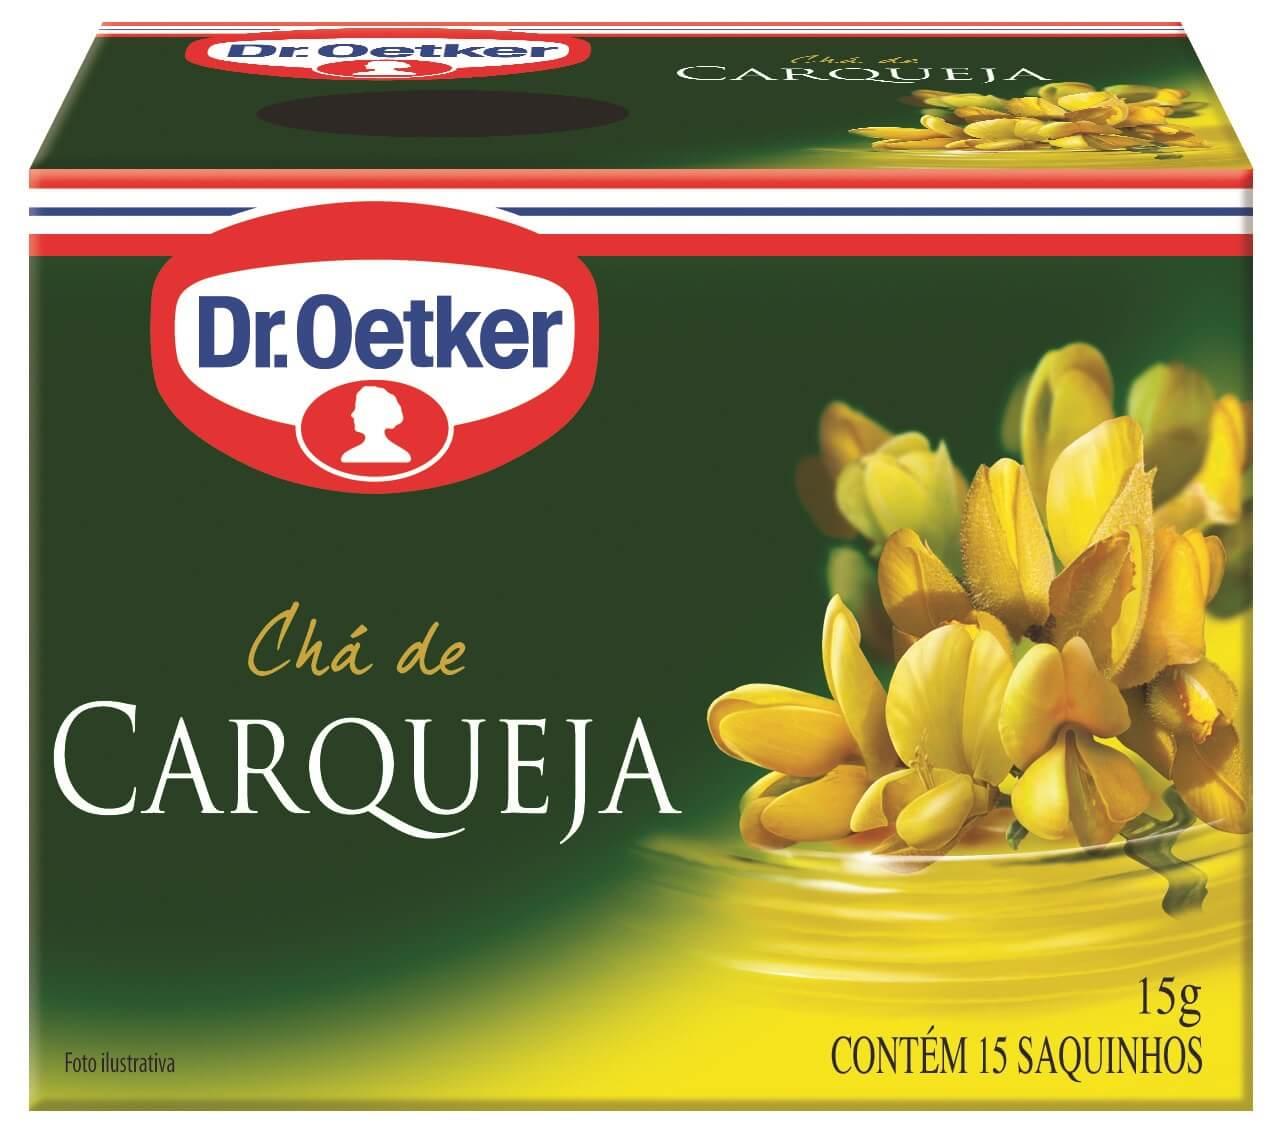 CHÁ DE CARQUEJA DR. OETKER KIT 4 CAIXAS